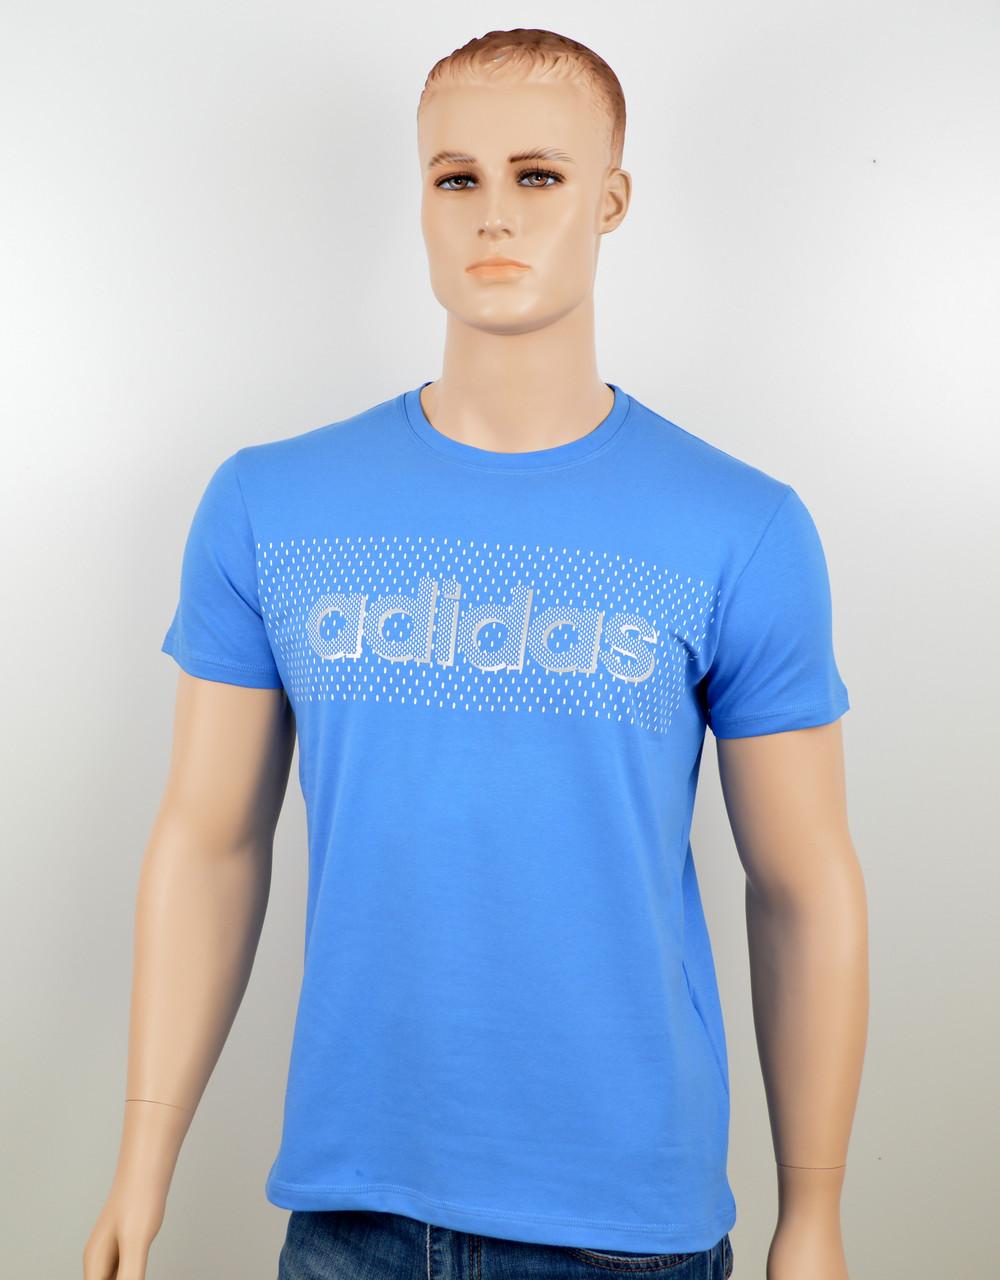 """Мужская футболка """"Adidas 18020"""" св.синий"""